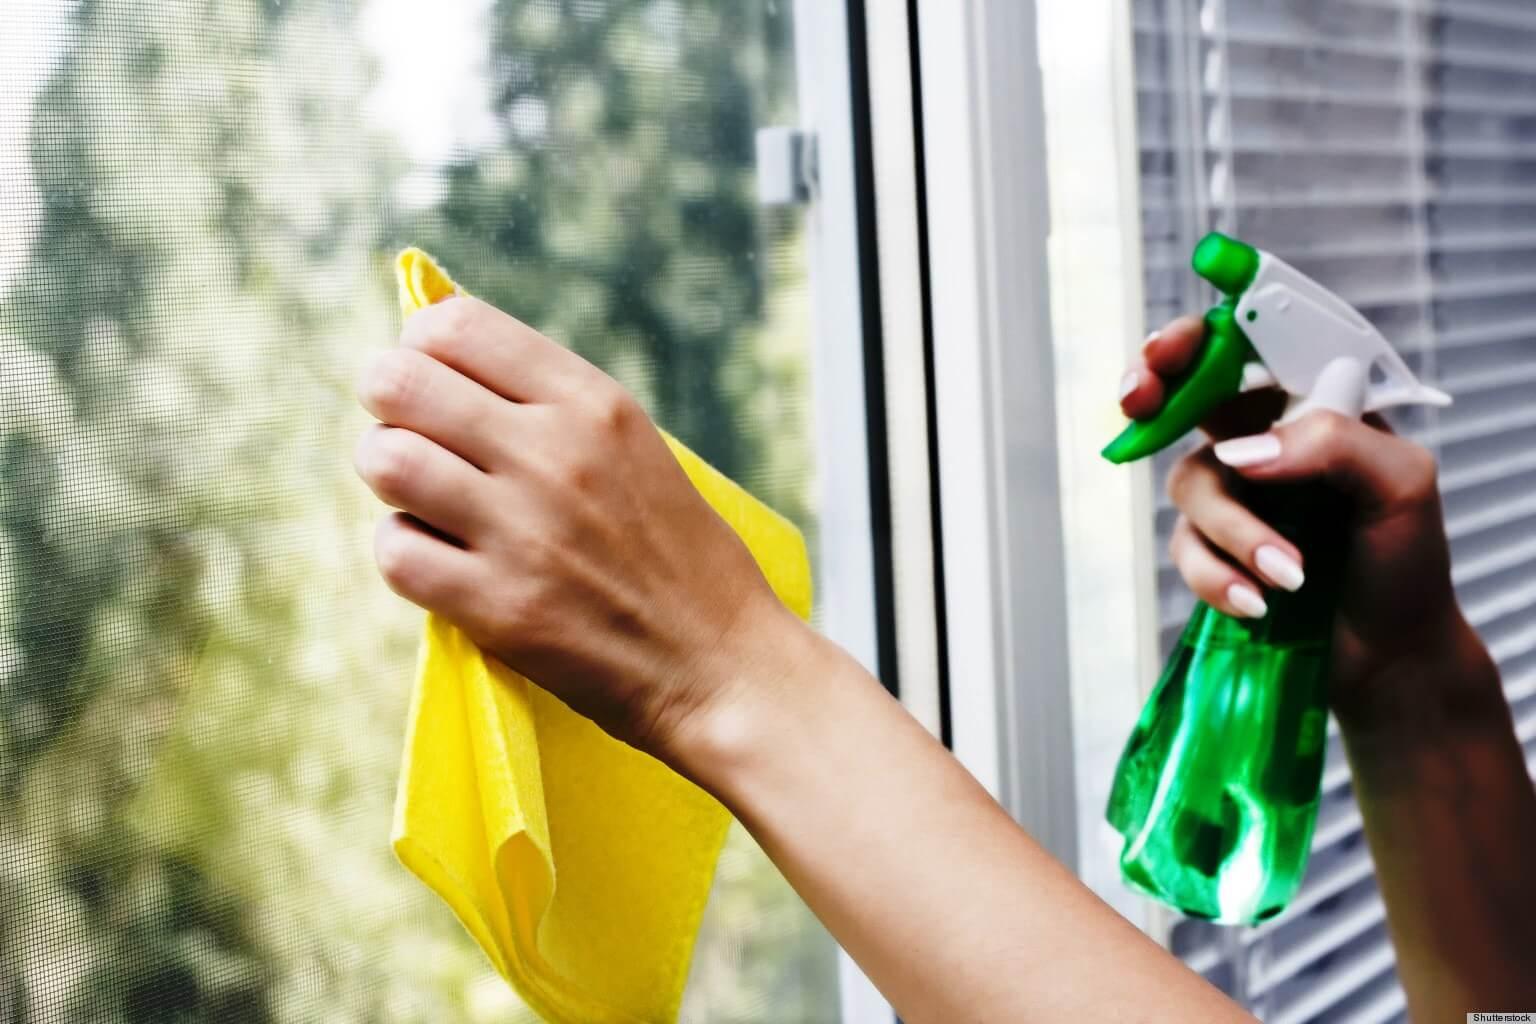 Средства по уходу за окнами можно приобрести в специализированных магазинах.